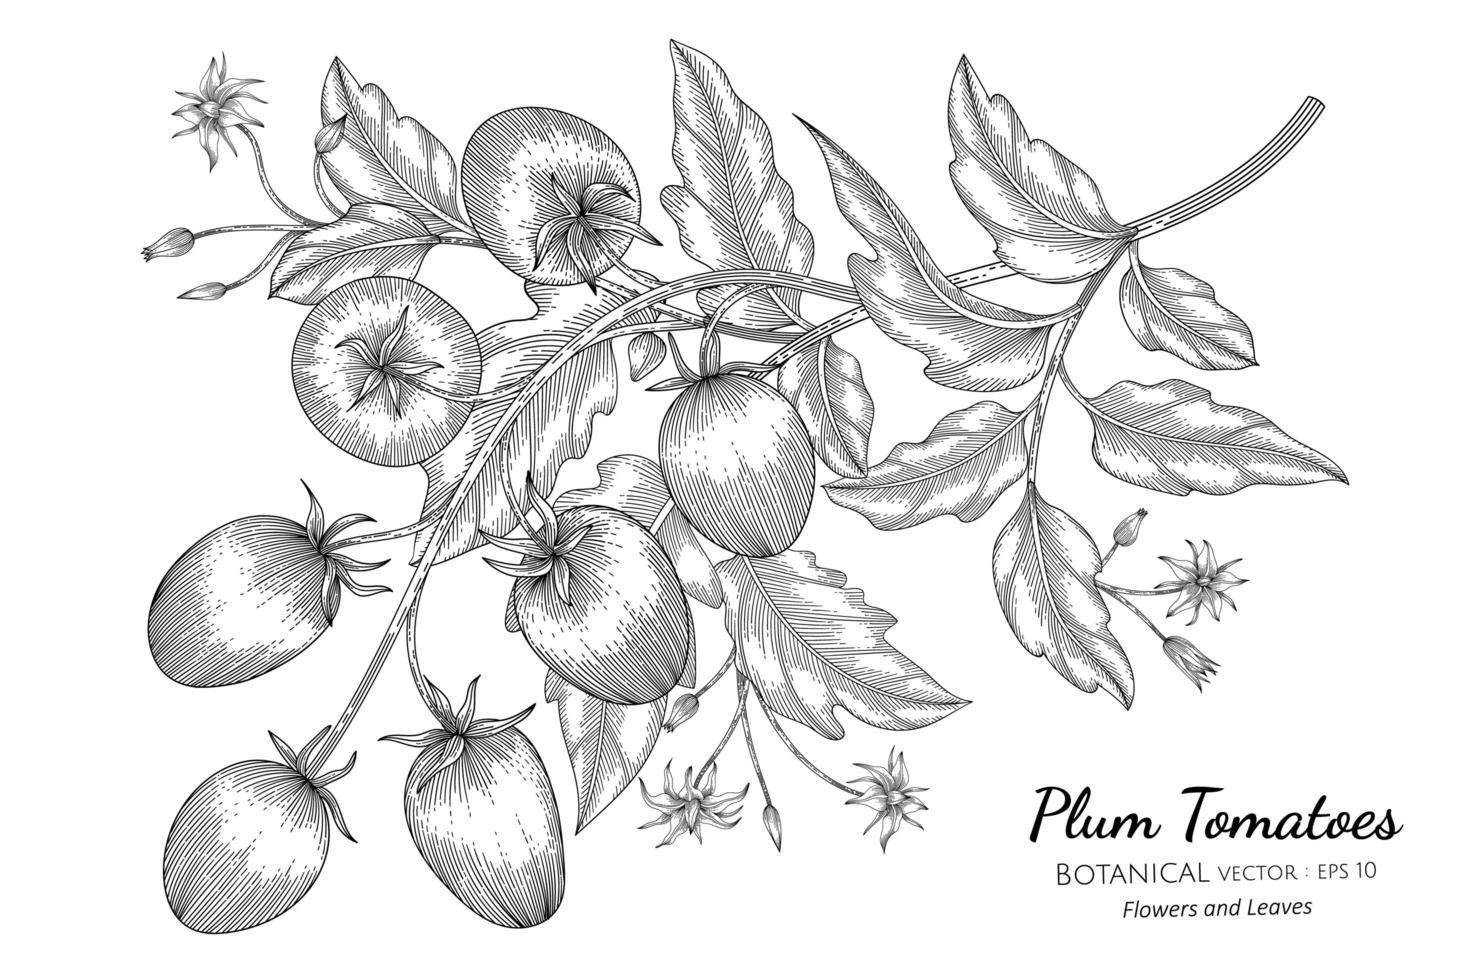 arte de linha de ramos de tomate ameixa desenhada à mão vetor